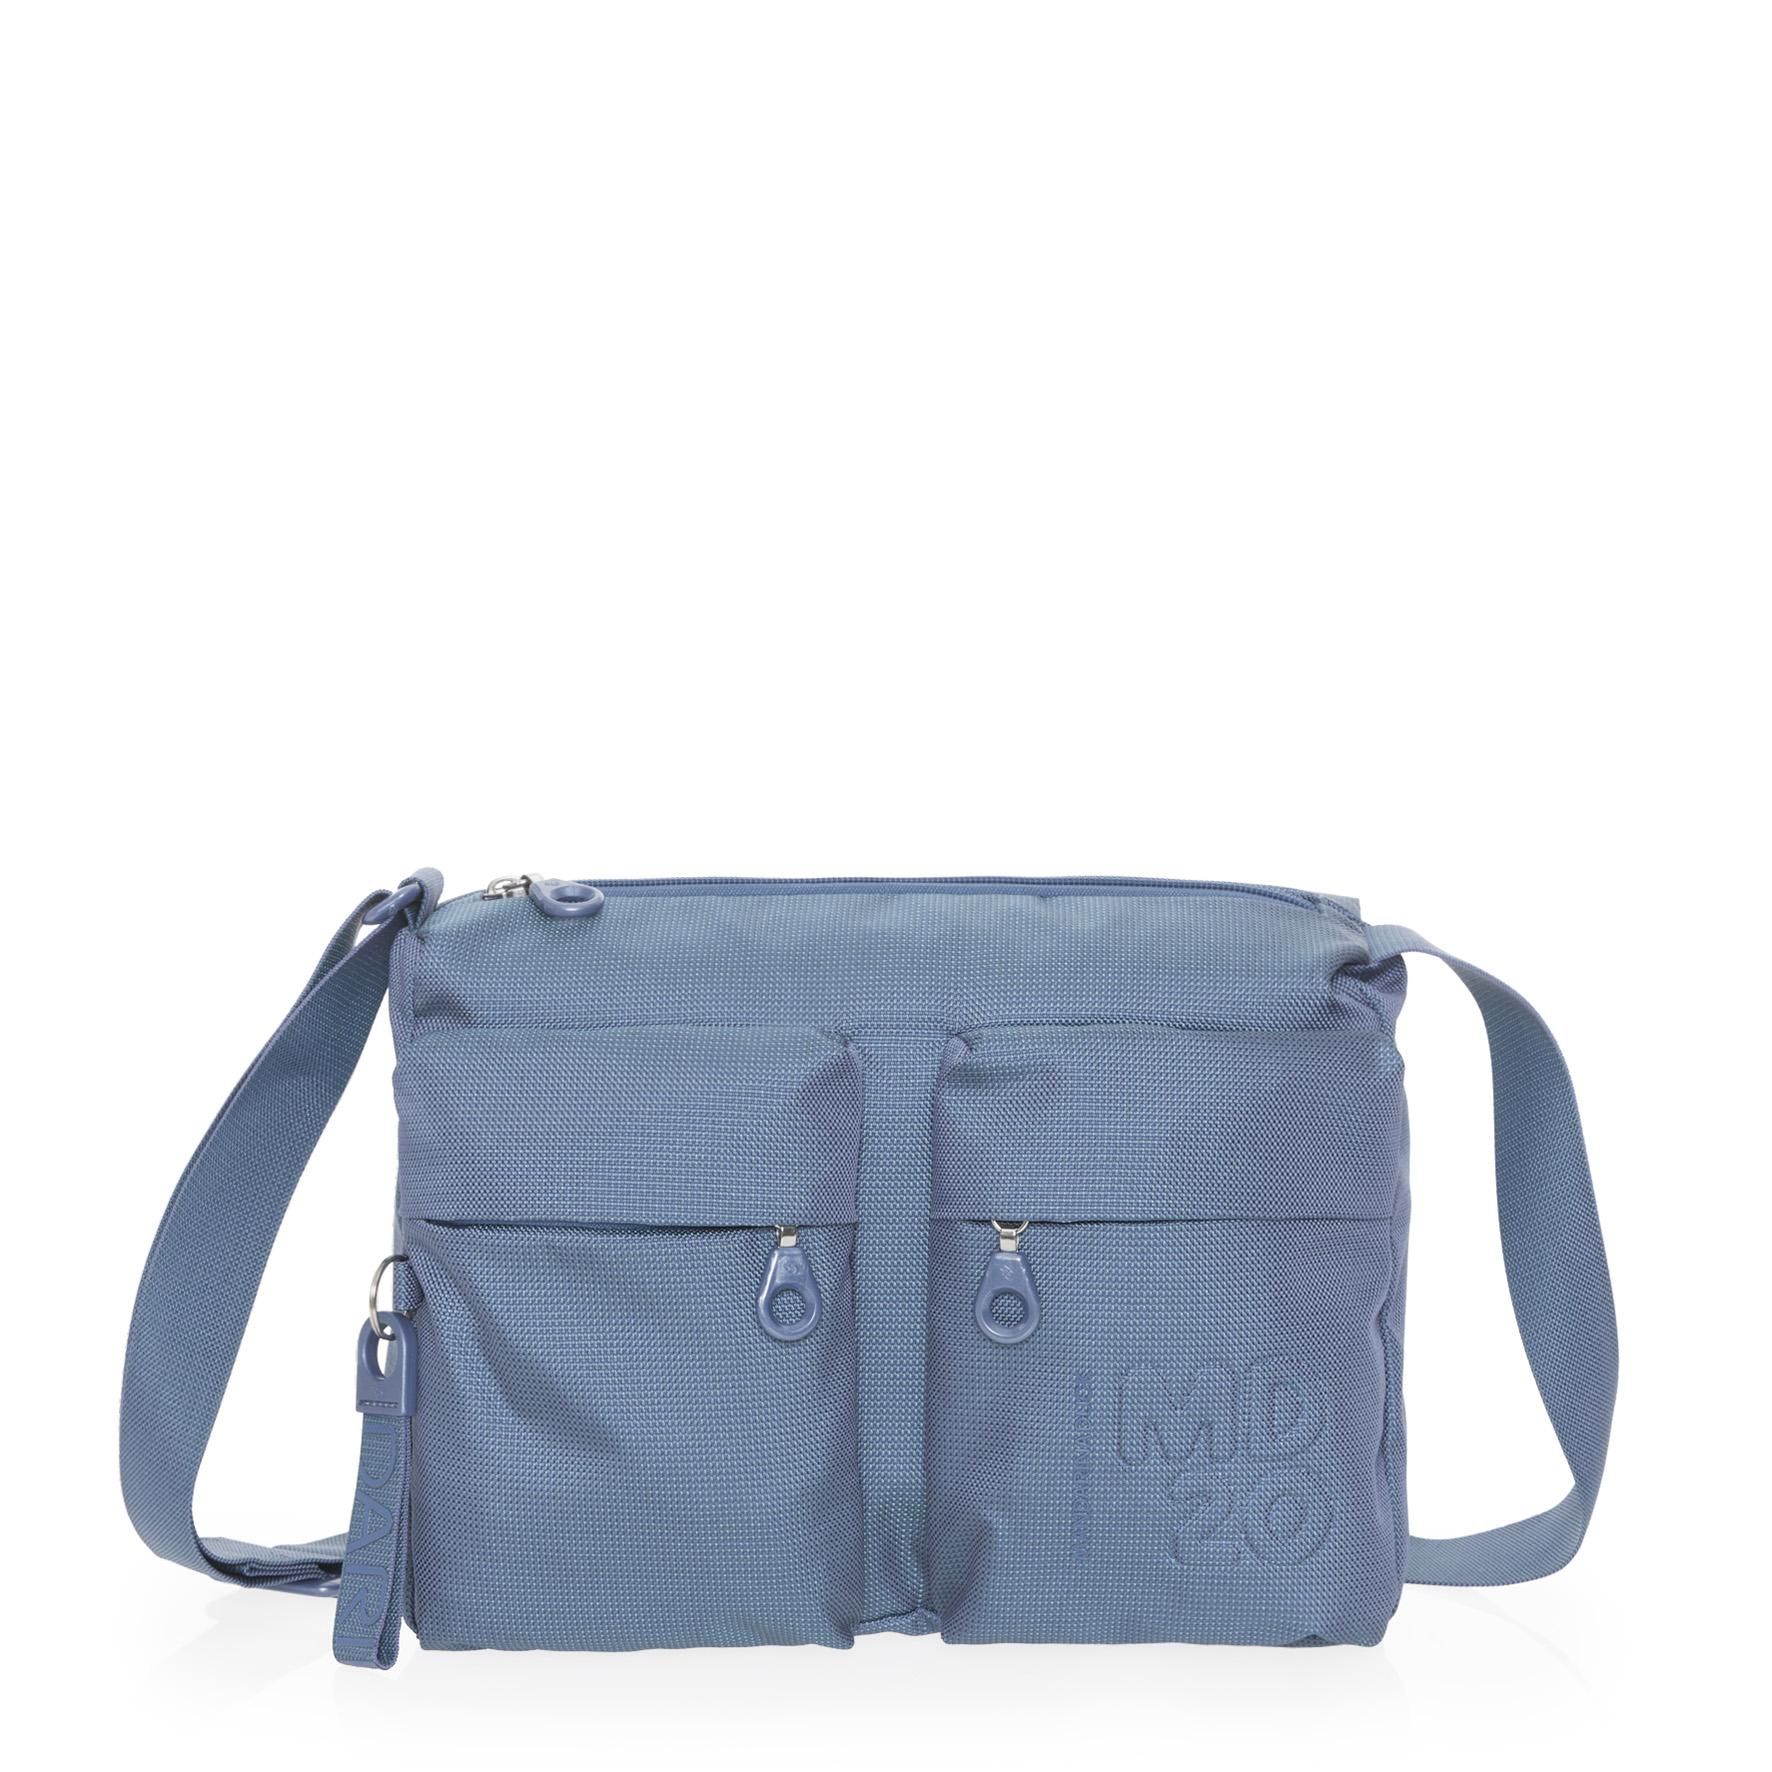 QMTT5 azul